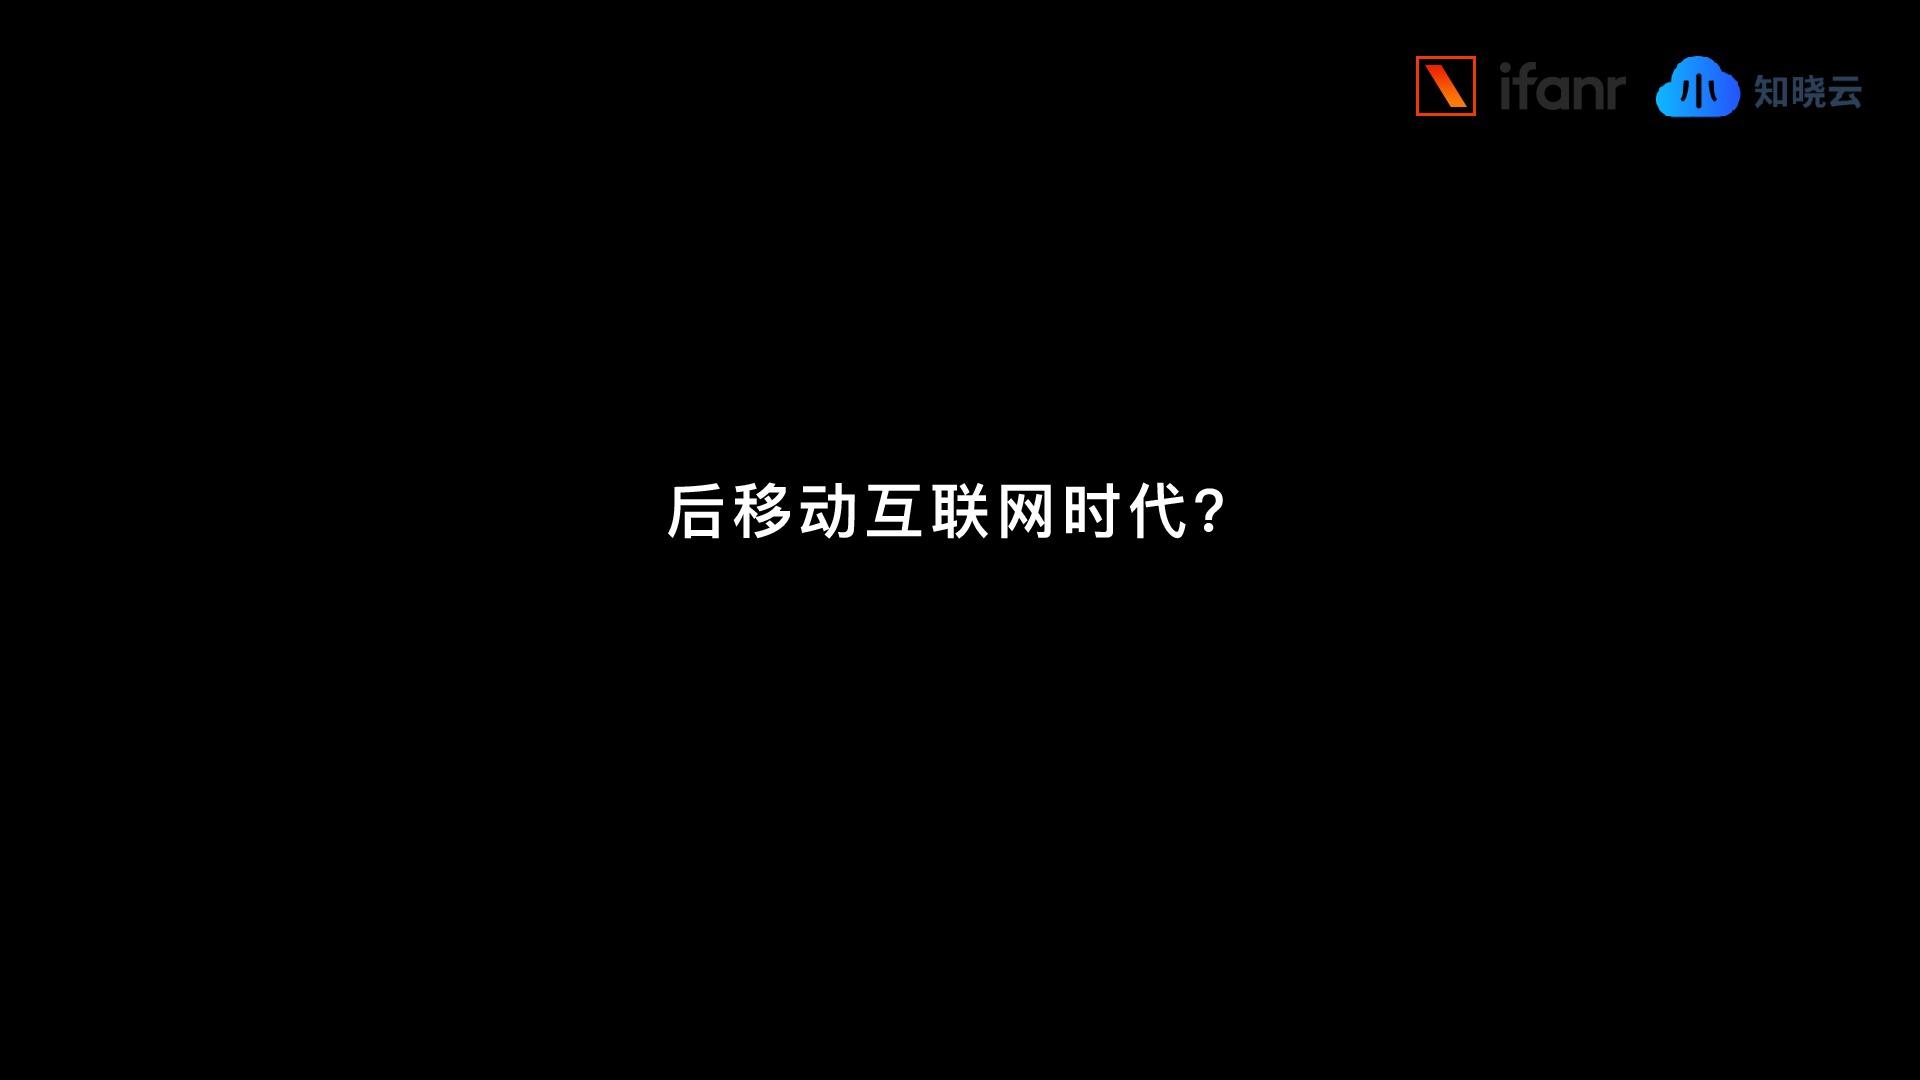 https://opentalk-blog.b0.upaiyun.com/prod/2018-11-26/c4e5516184de9a54dce39153867478dd